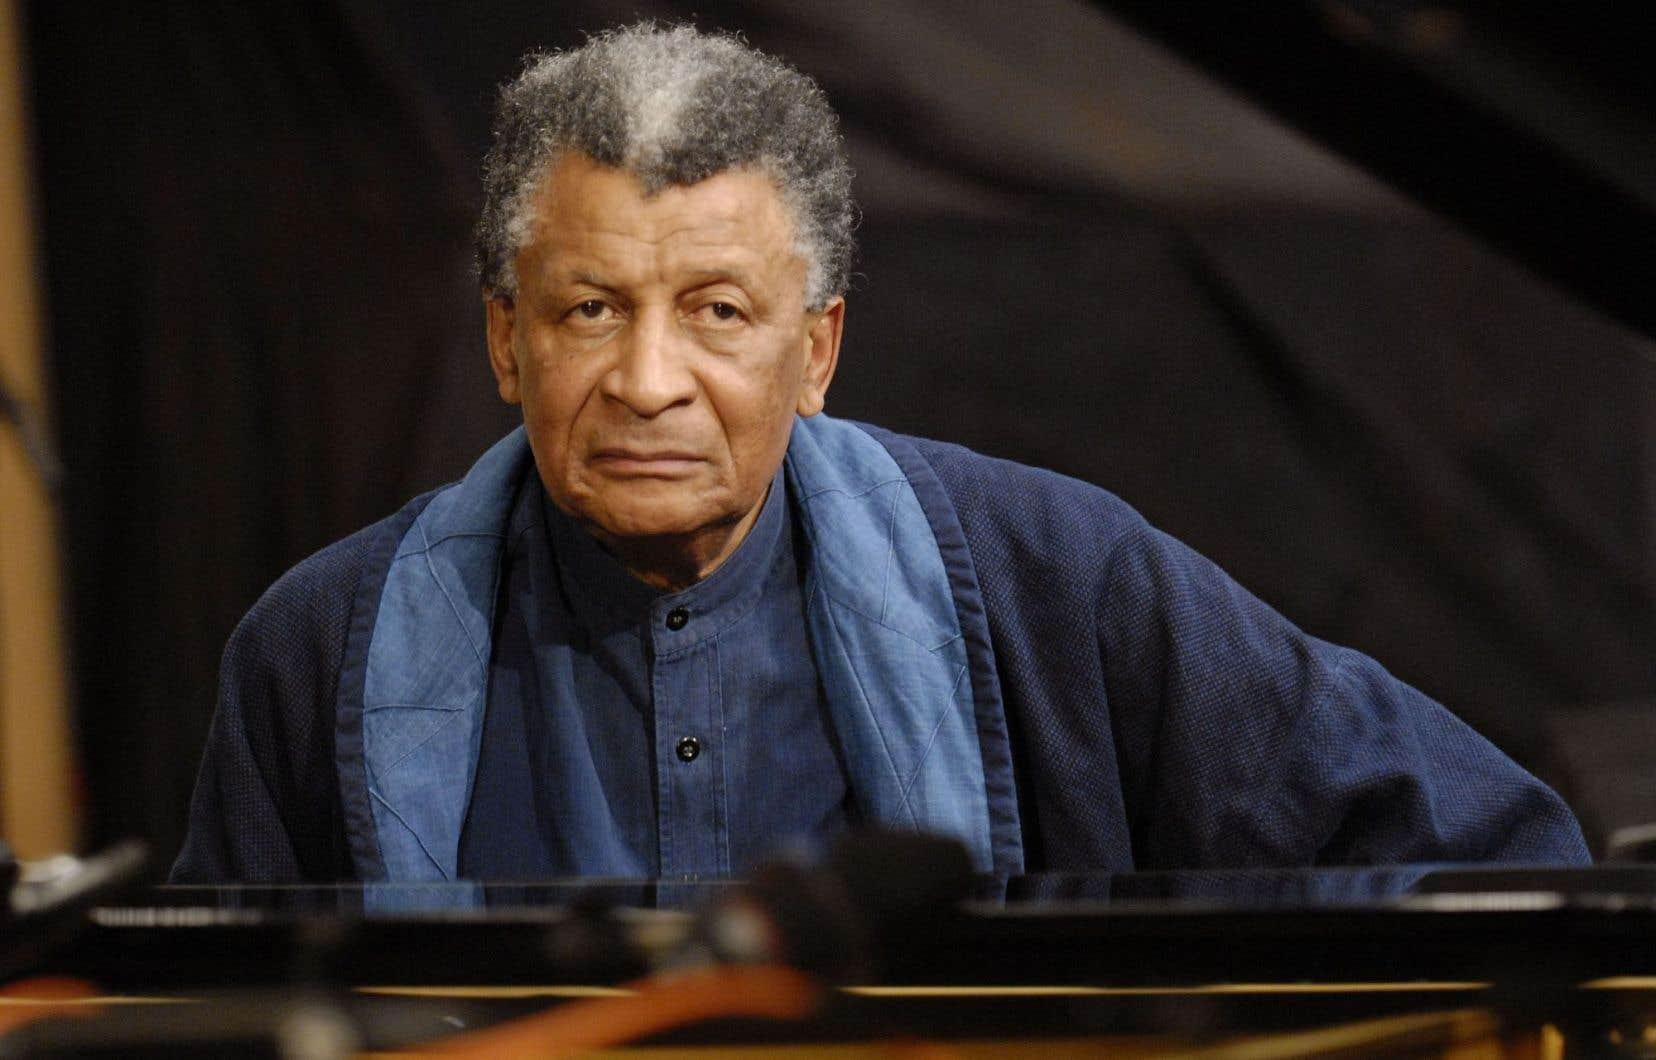 Le Sud-Africain Abdullah Ibrahim est reconnu comme étant le plus grand jazzman que l'Afrique ait produit.